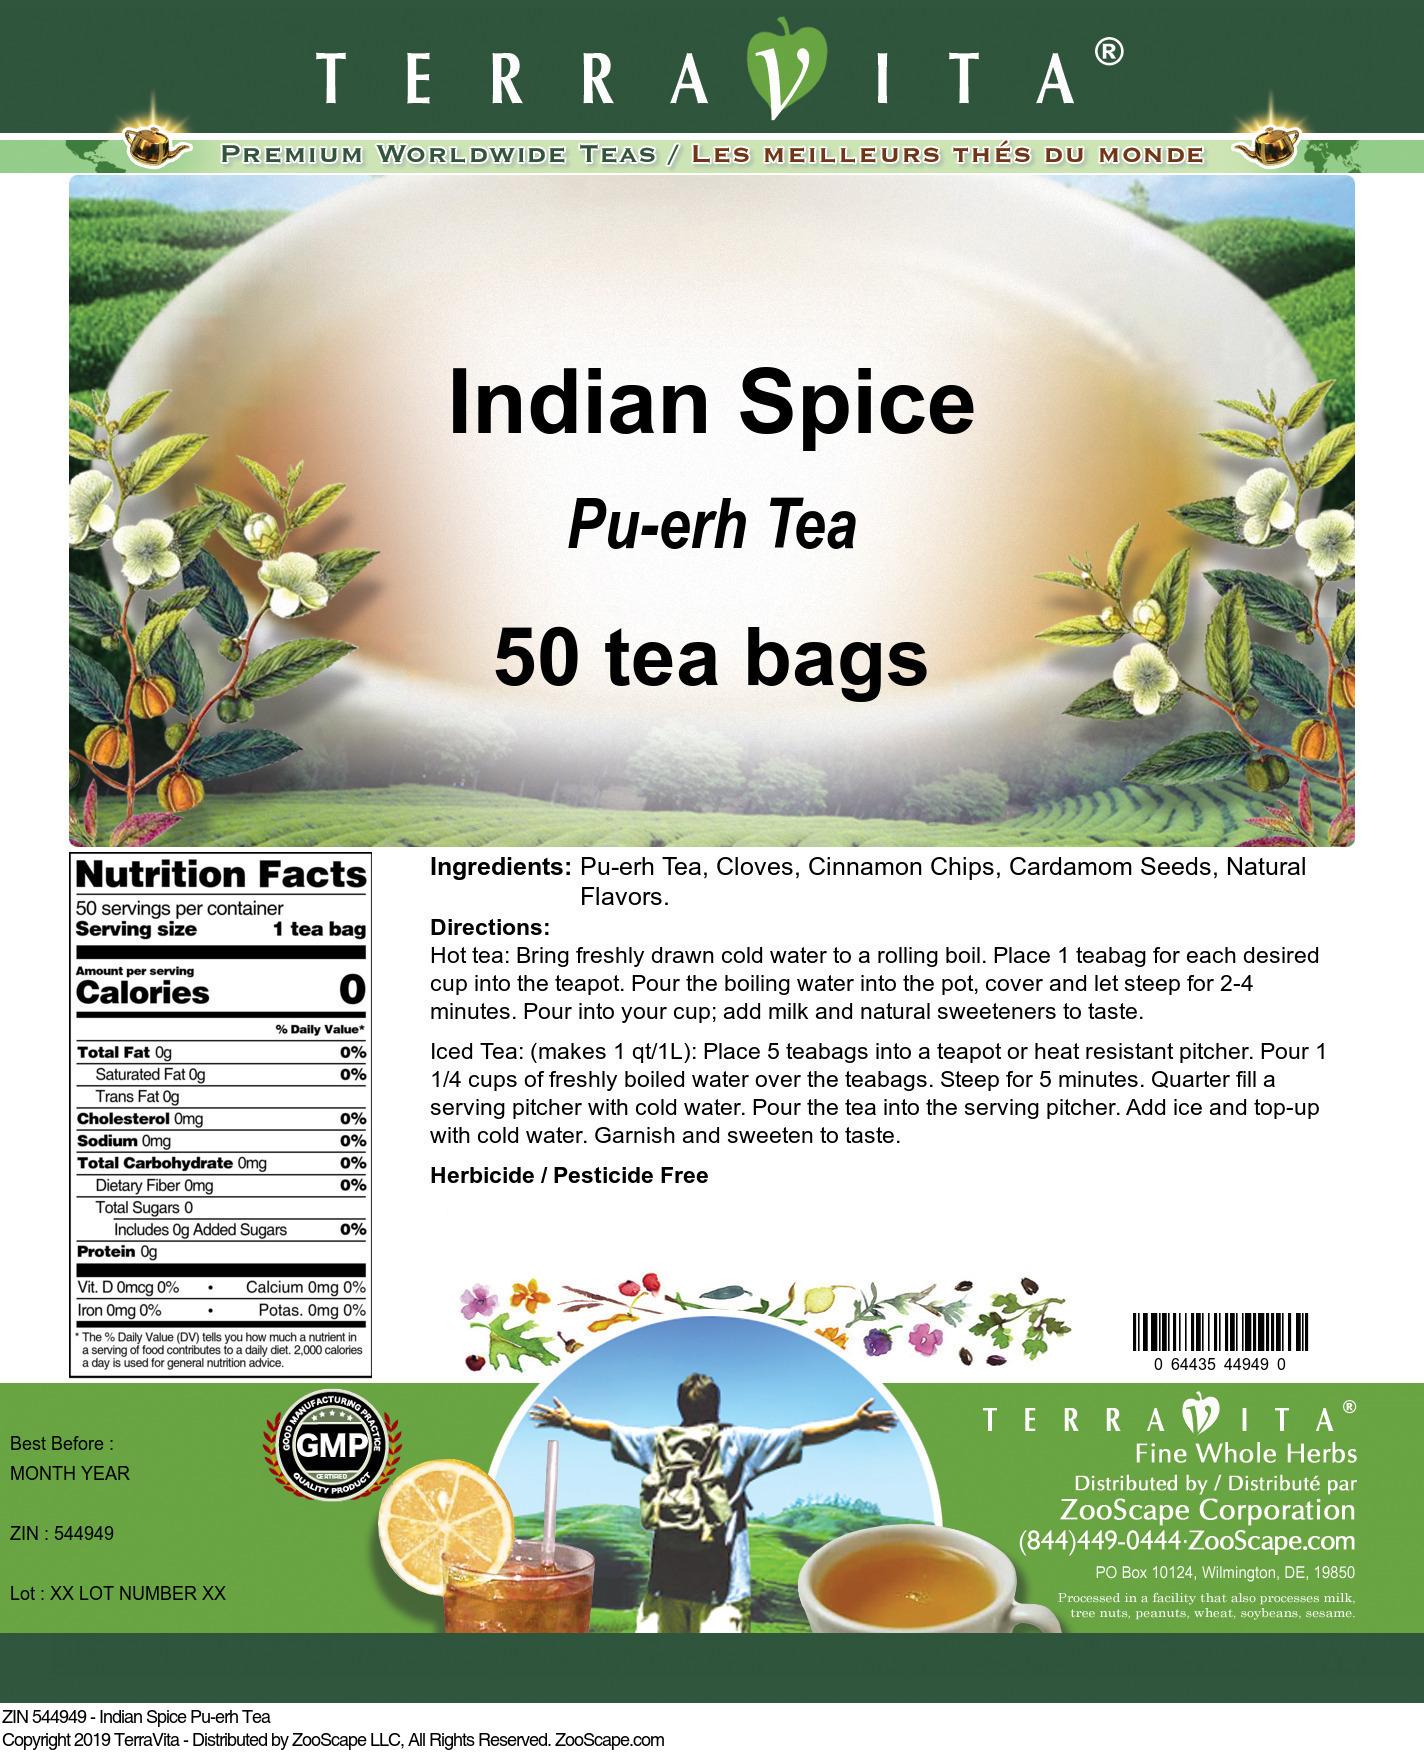 Indian Spice Pu-erh Tea